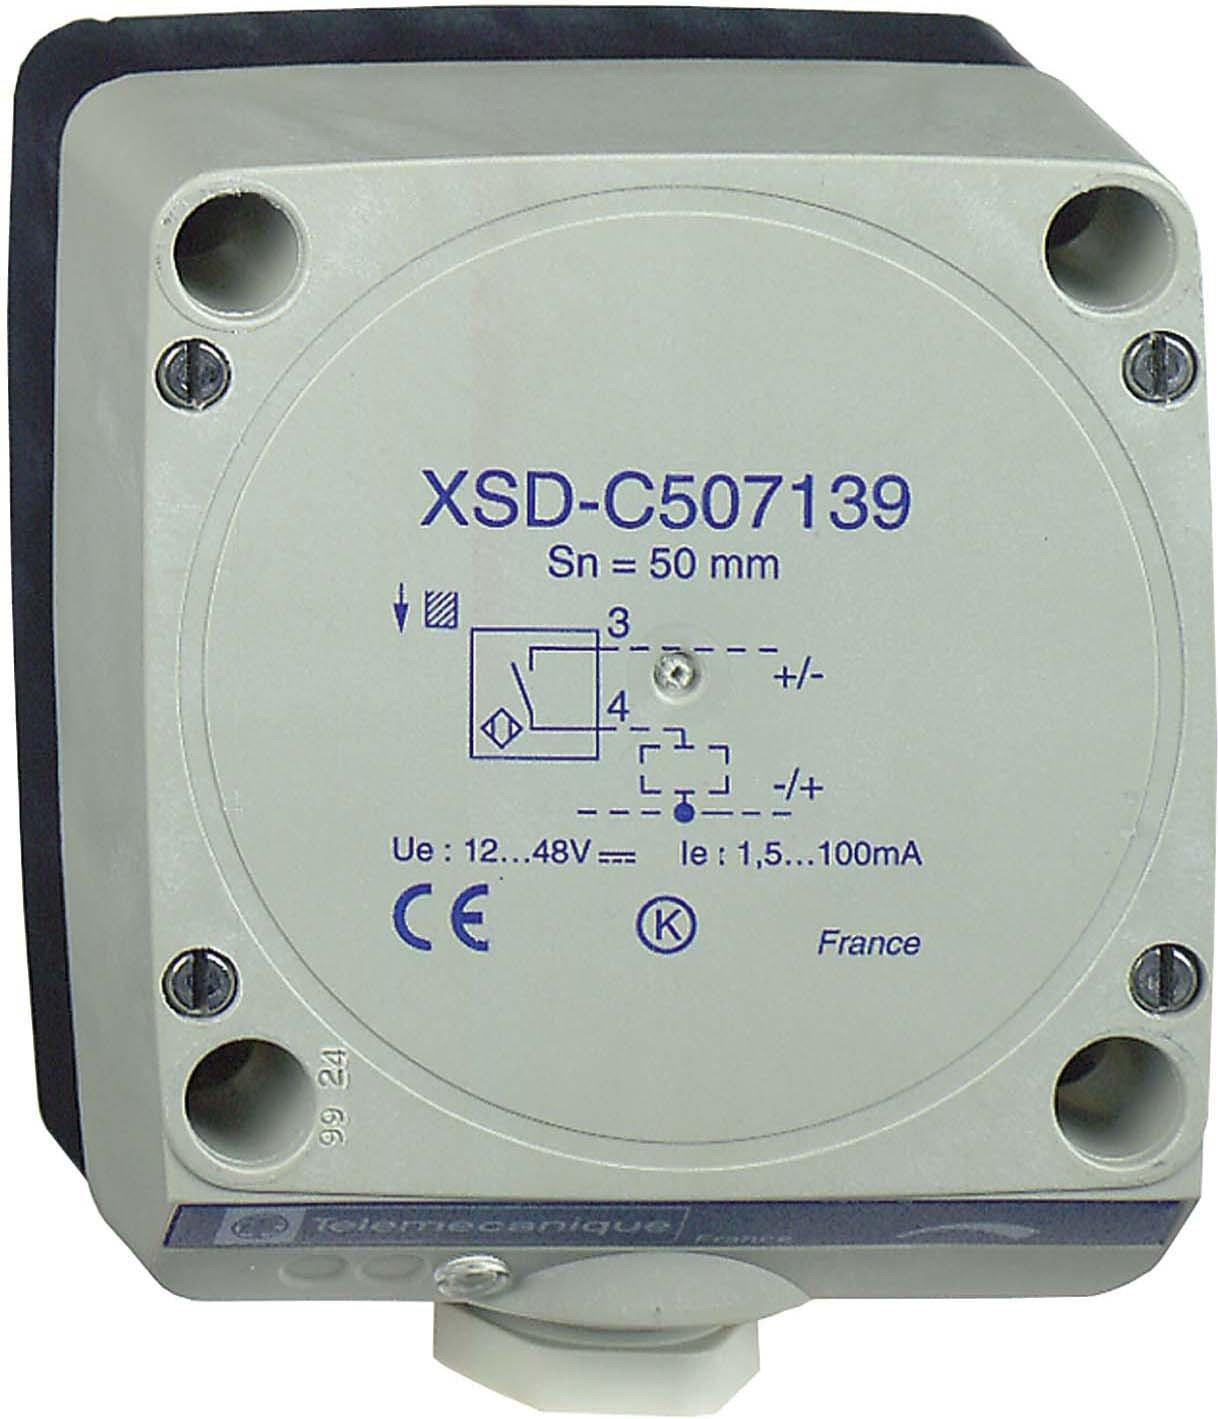 Schneider Electric XSDC607139 Detector Proximidad Inductivo: Amazon.es: Industria, empresas y ciencia